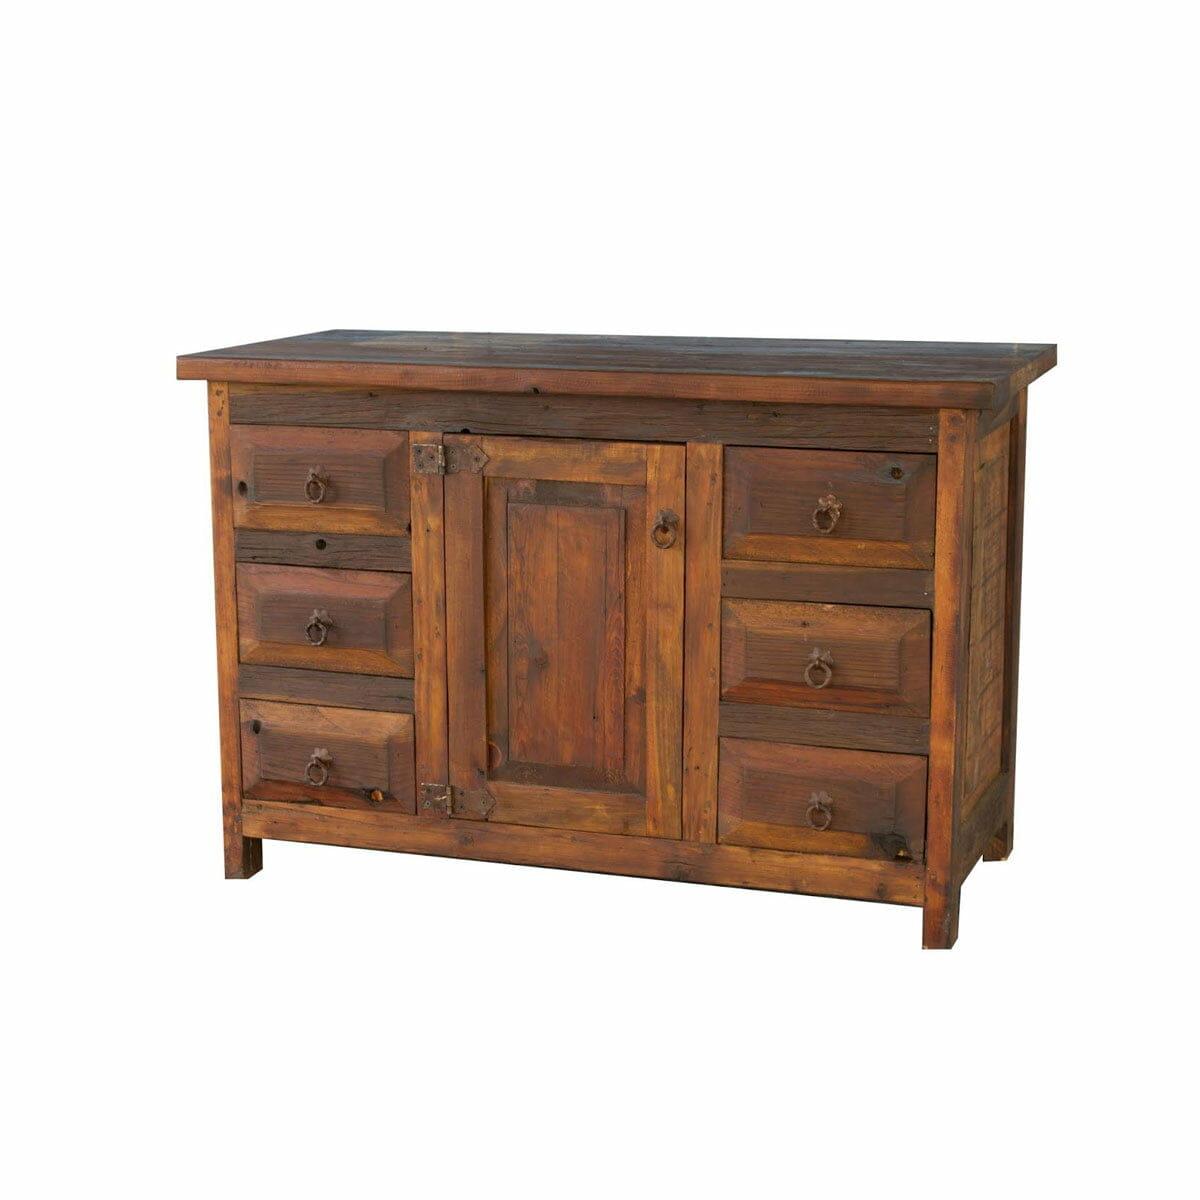 Reclaimed Wood Vanities Buy Reclaimed Wood Vanity Online